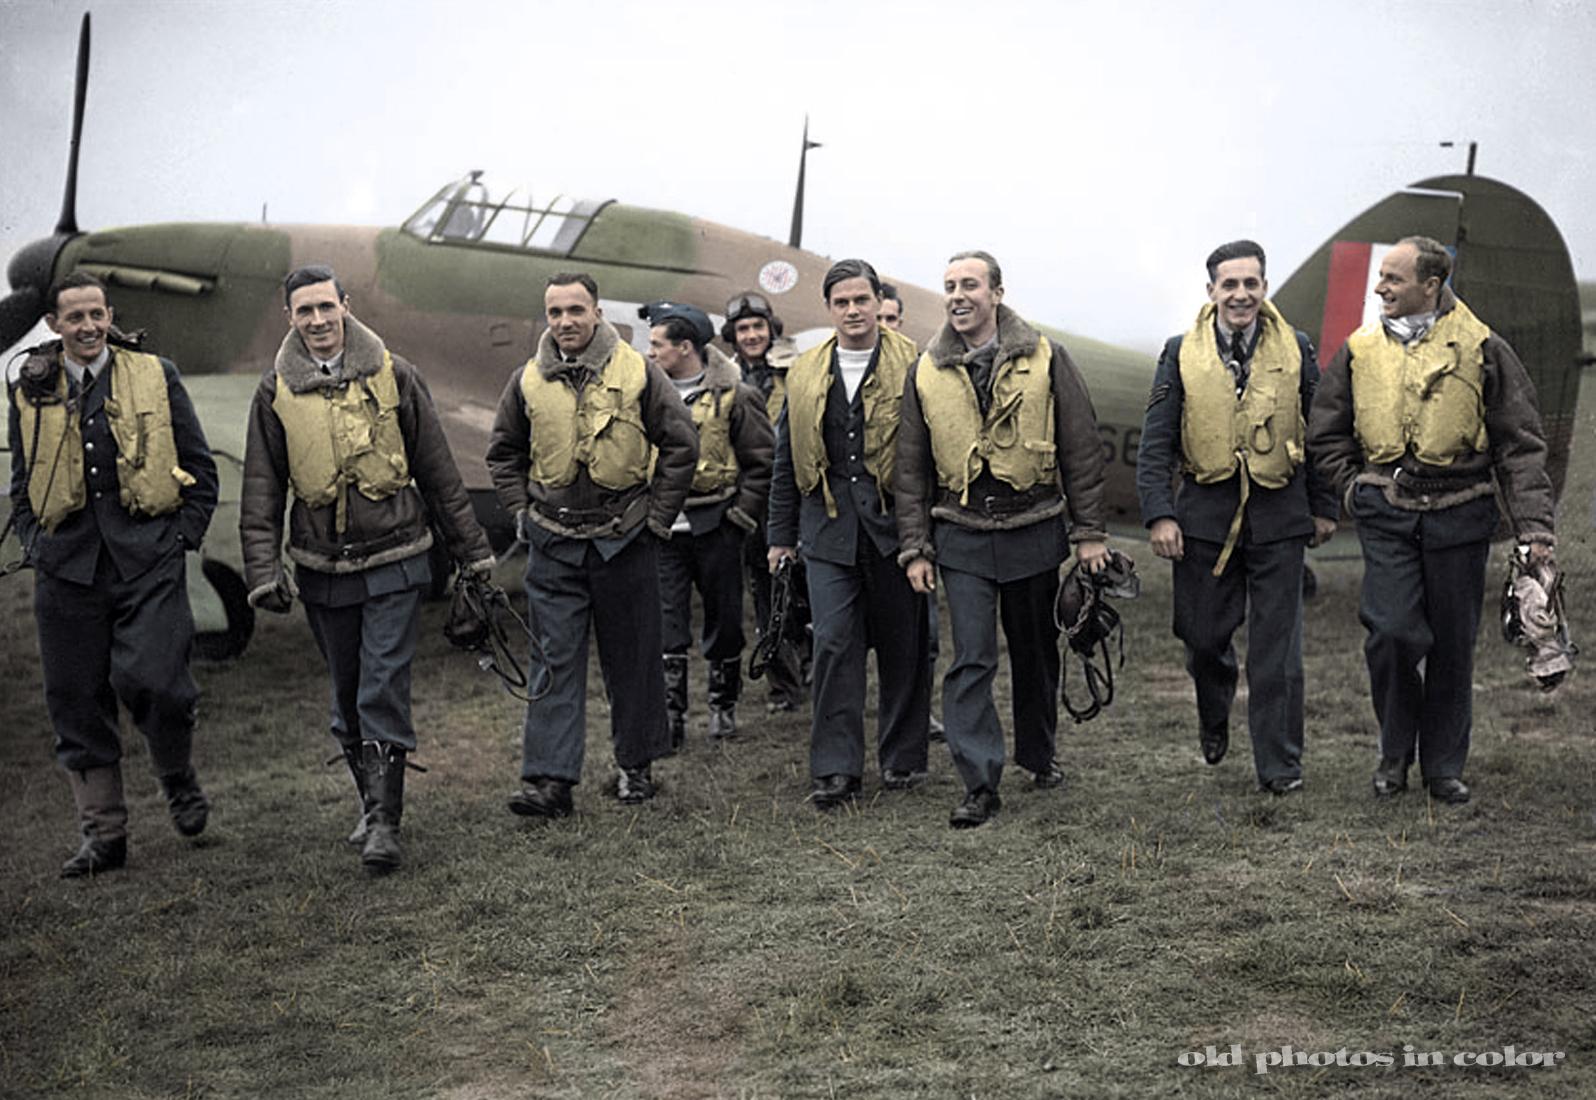 303 squadron pilots. L-R: F/O Ferić, F/Lt Lt Kent, F/O Grzeszczak, P/O Radomski, P/O Zumbach, P/O Łokuciewski, F/O Henneberg, Sgt Rogowski, Sgt Szaposznikow (in 1940). (photo via Wikipedia)